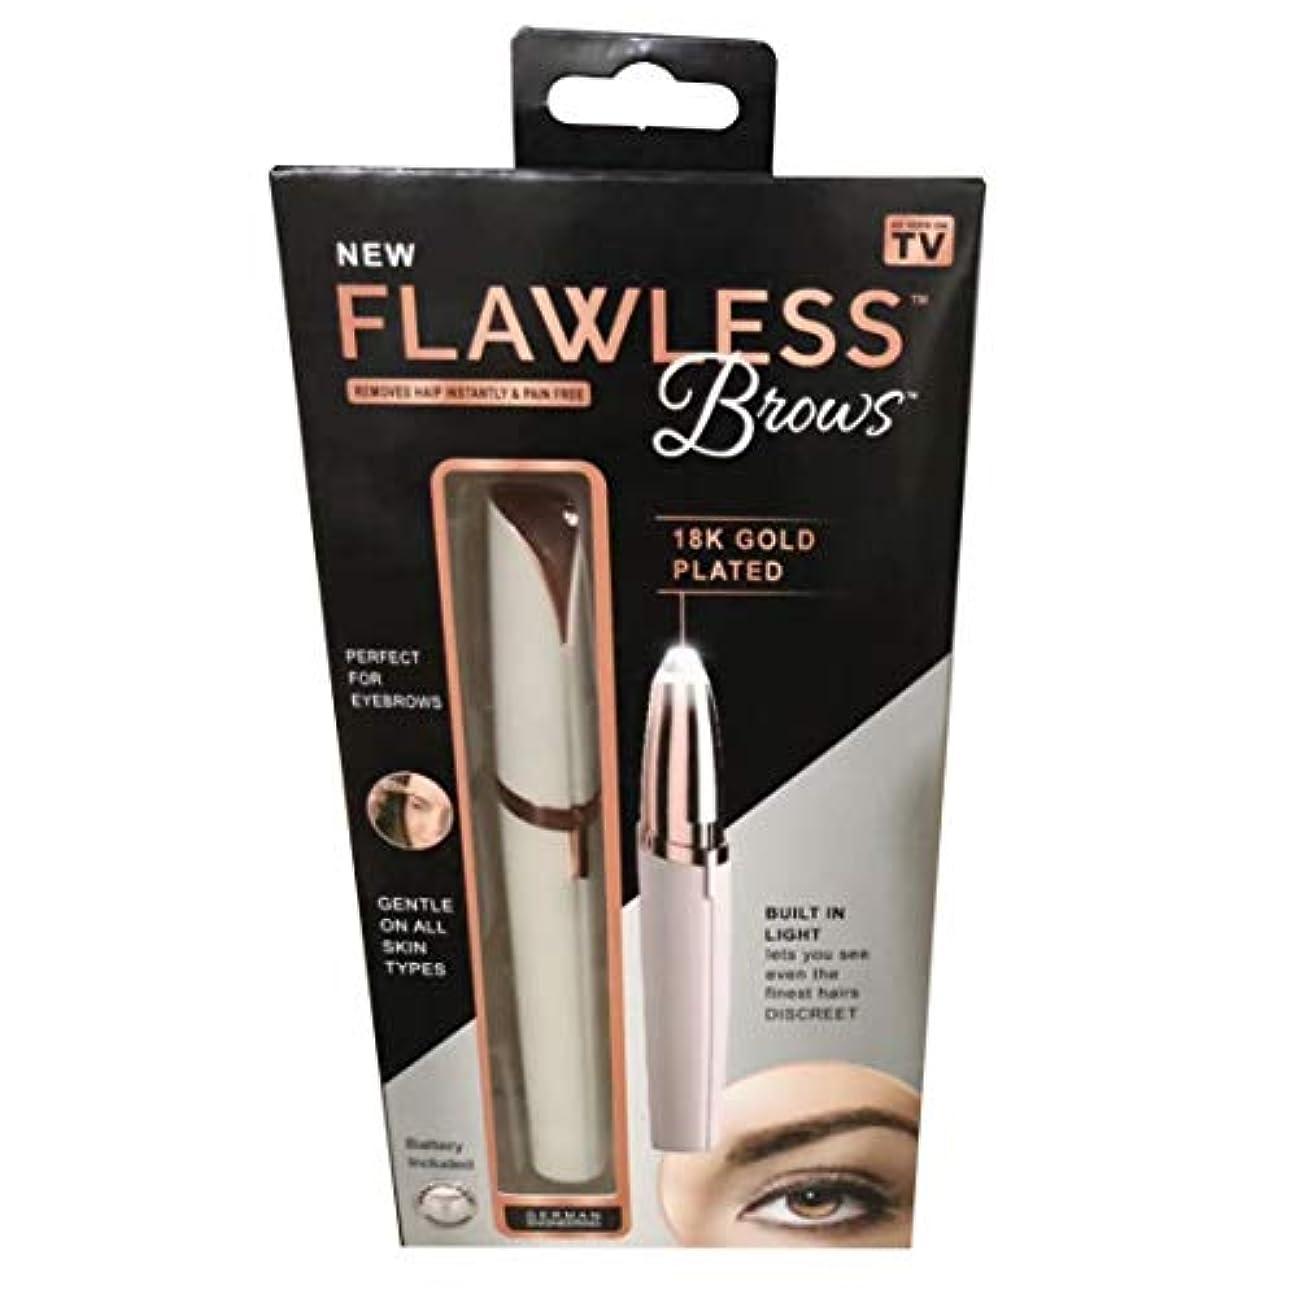 成功した海外で苗コンパクトサイズの完璧な眉電動仕上げタッチアイブロウリムーバーシェーバー-FanciesW